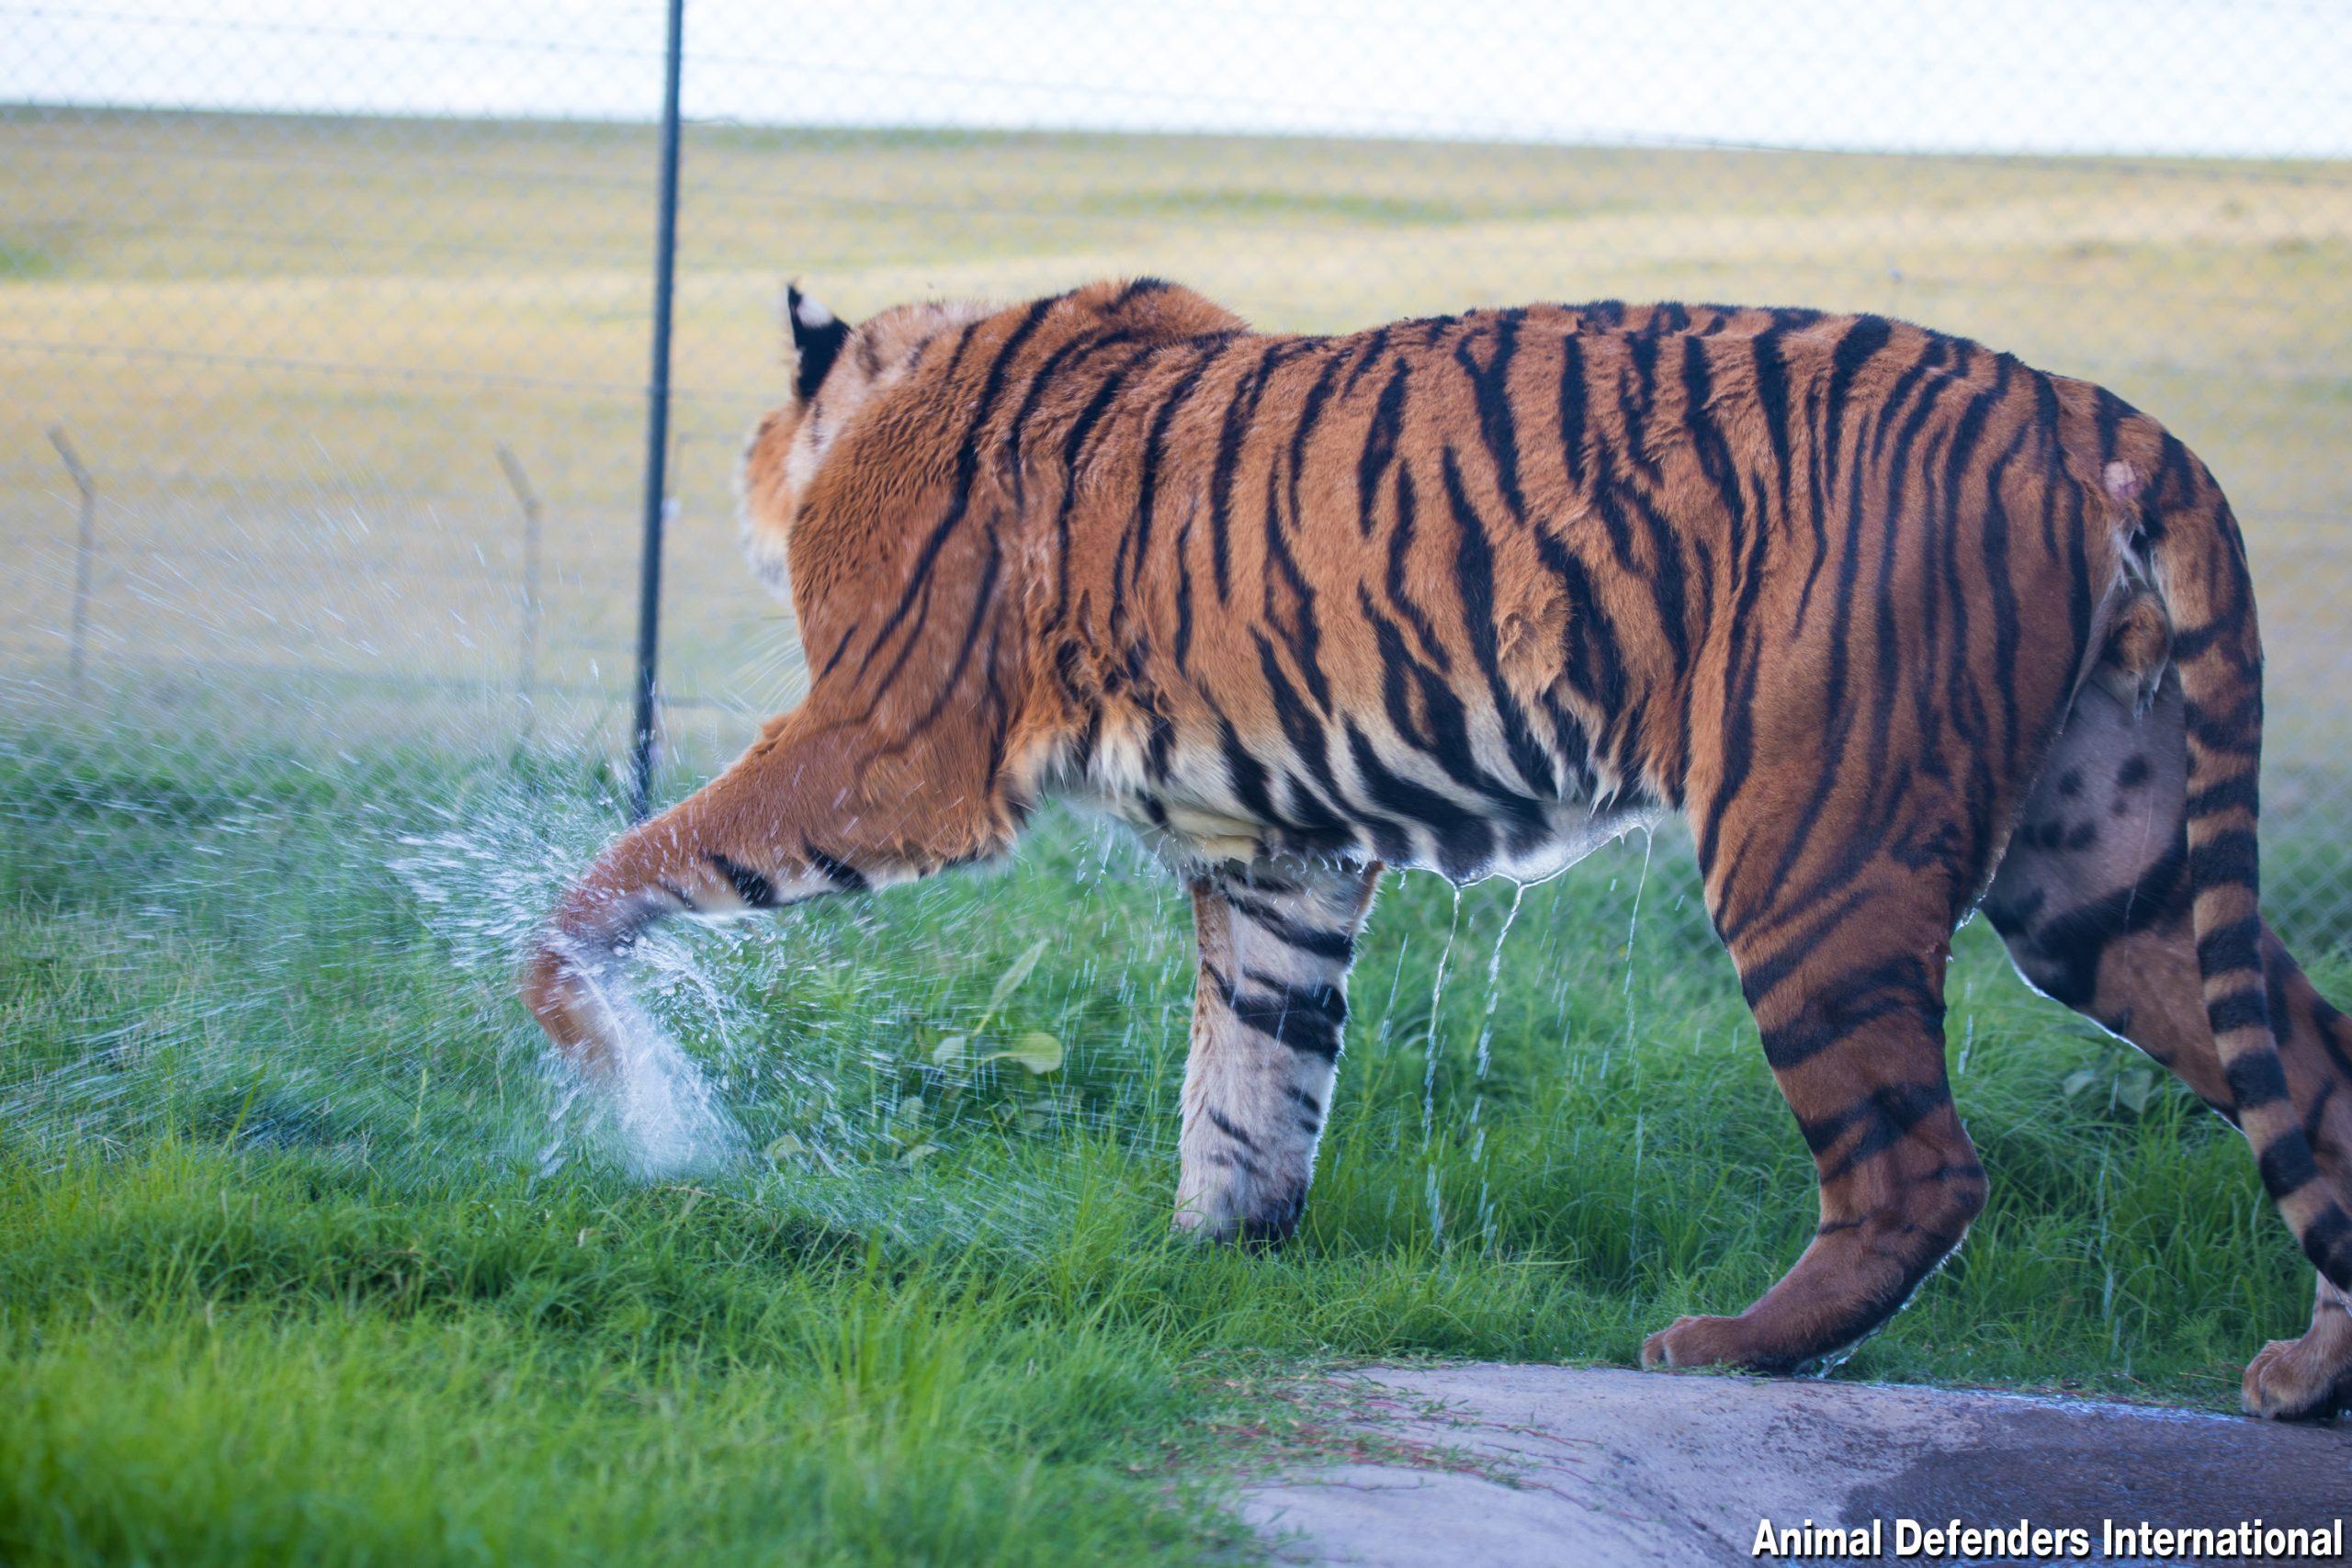 tiger at ADIWS leaving pool